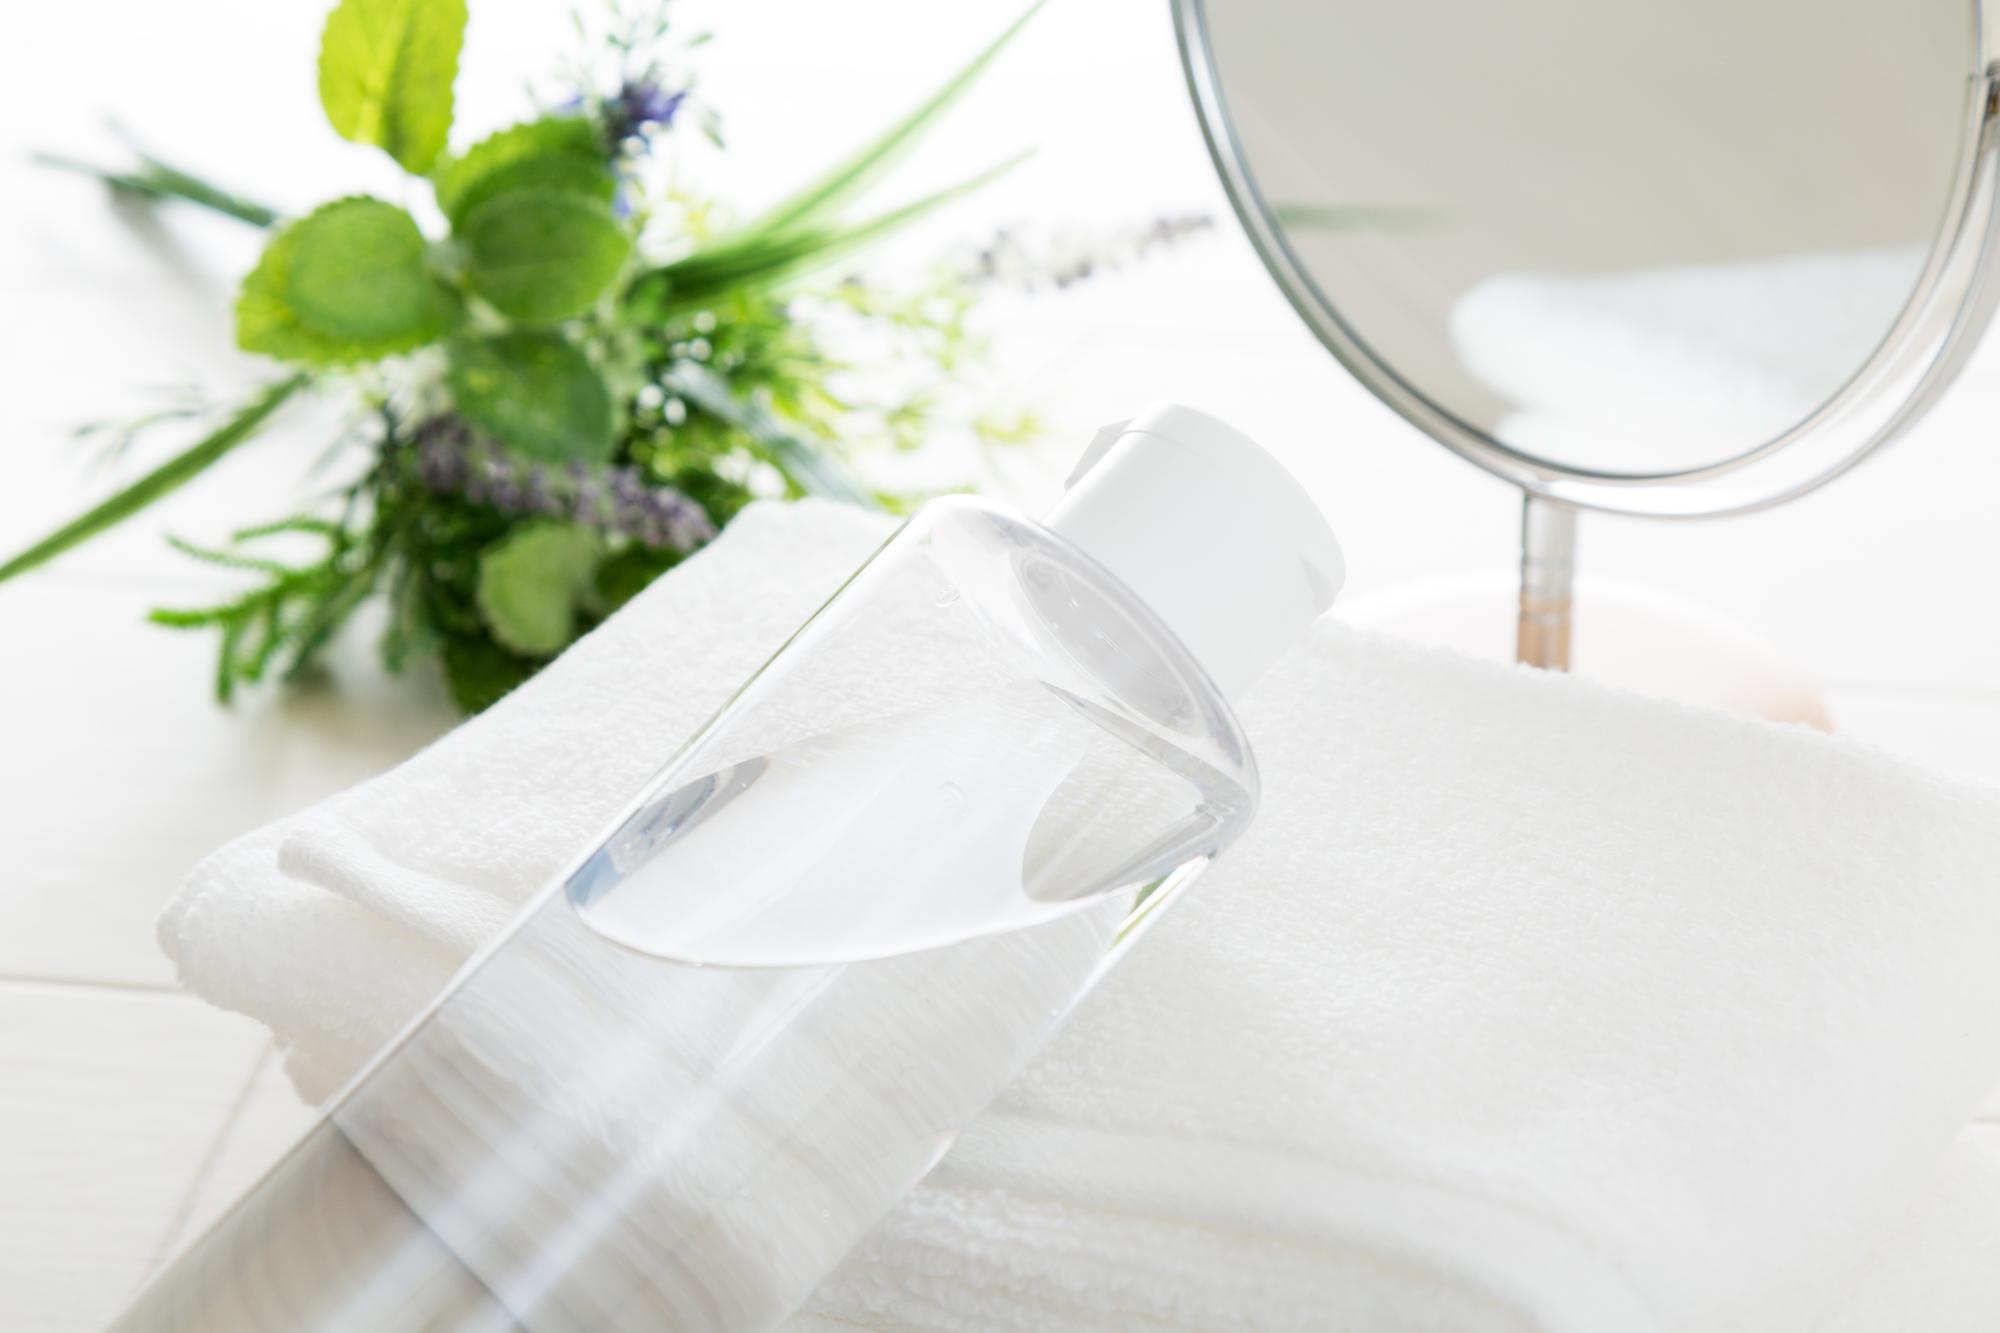 人気プチプラ美白化粧水ランキング|ドラッグストアで買えるおすすめ10選